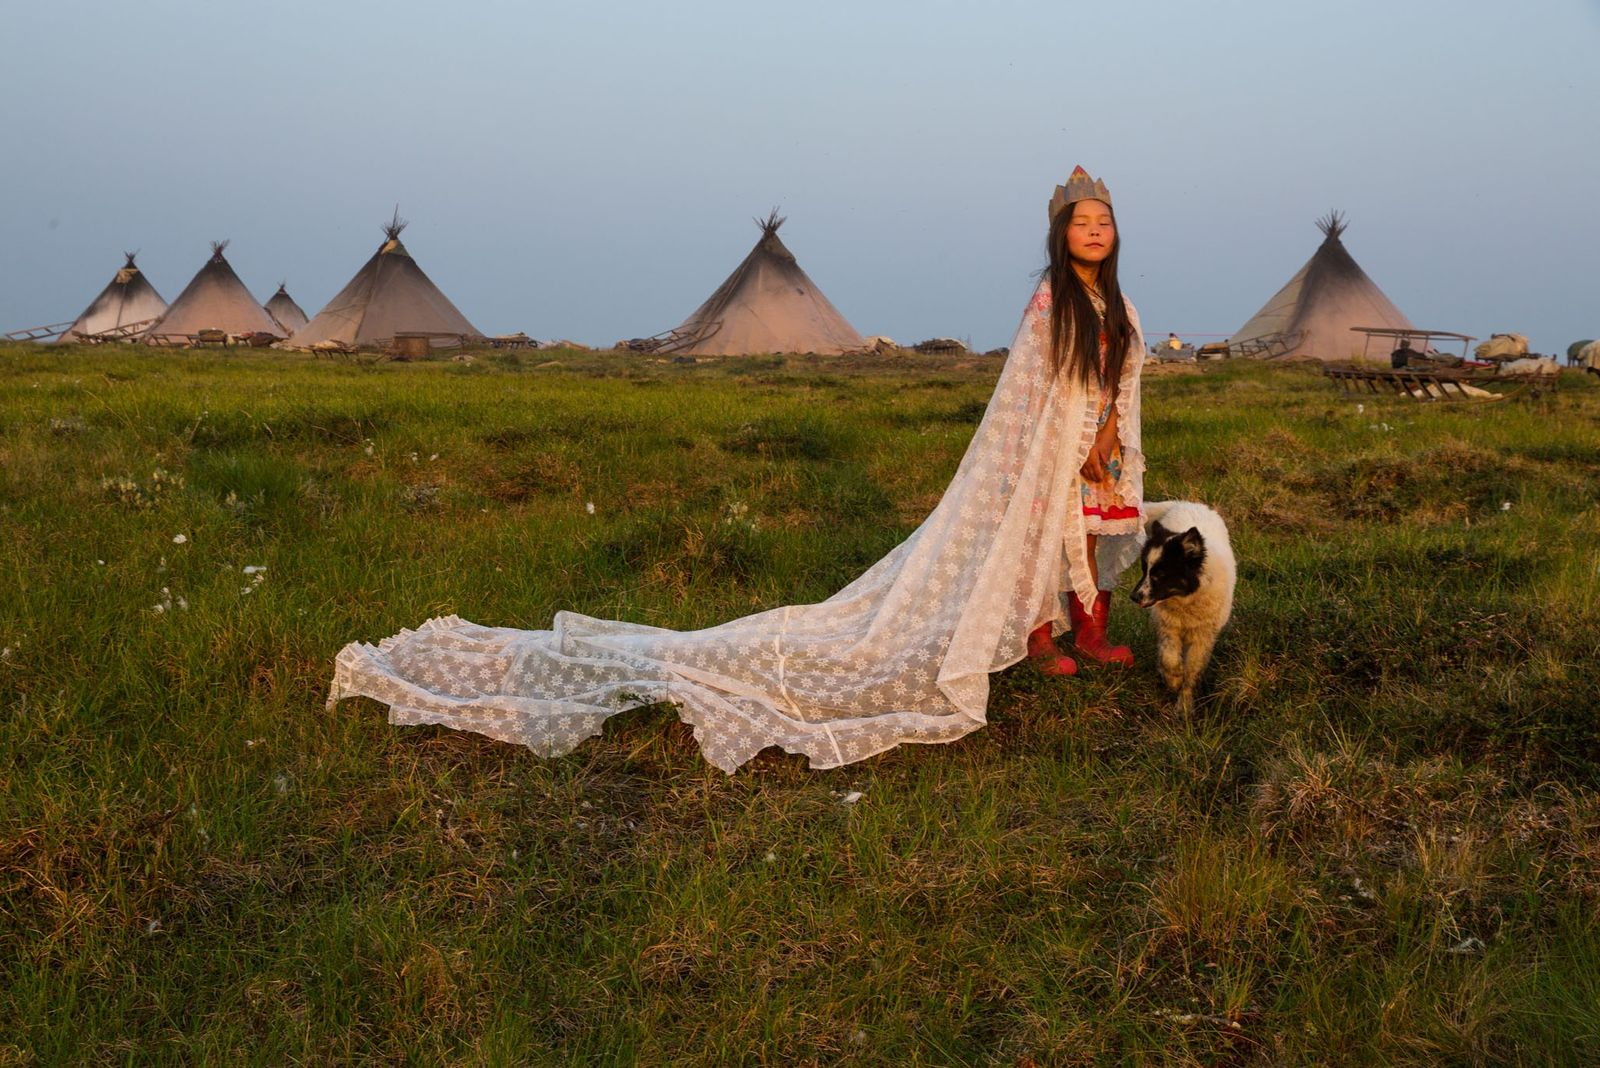 Kristina Khudi trägt einen Vorhang und eine Krone aus Karton und wird so in einem Lager ...